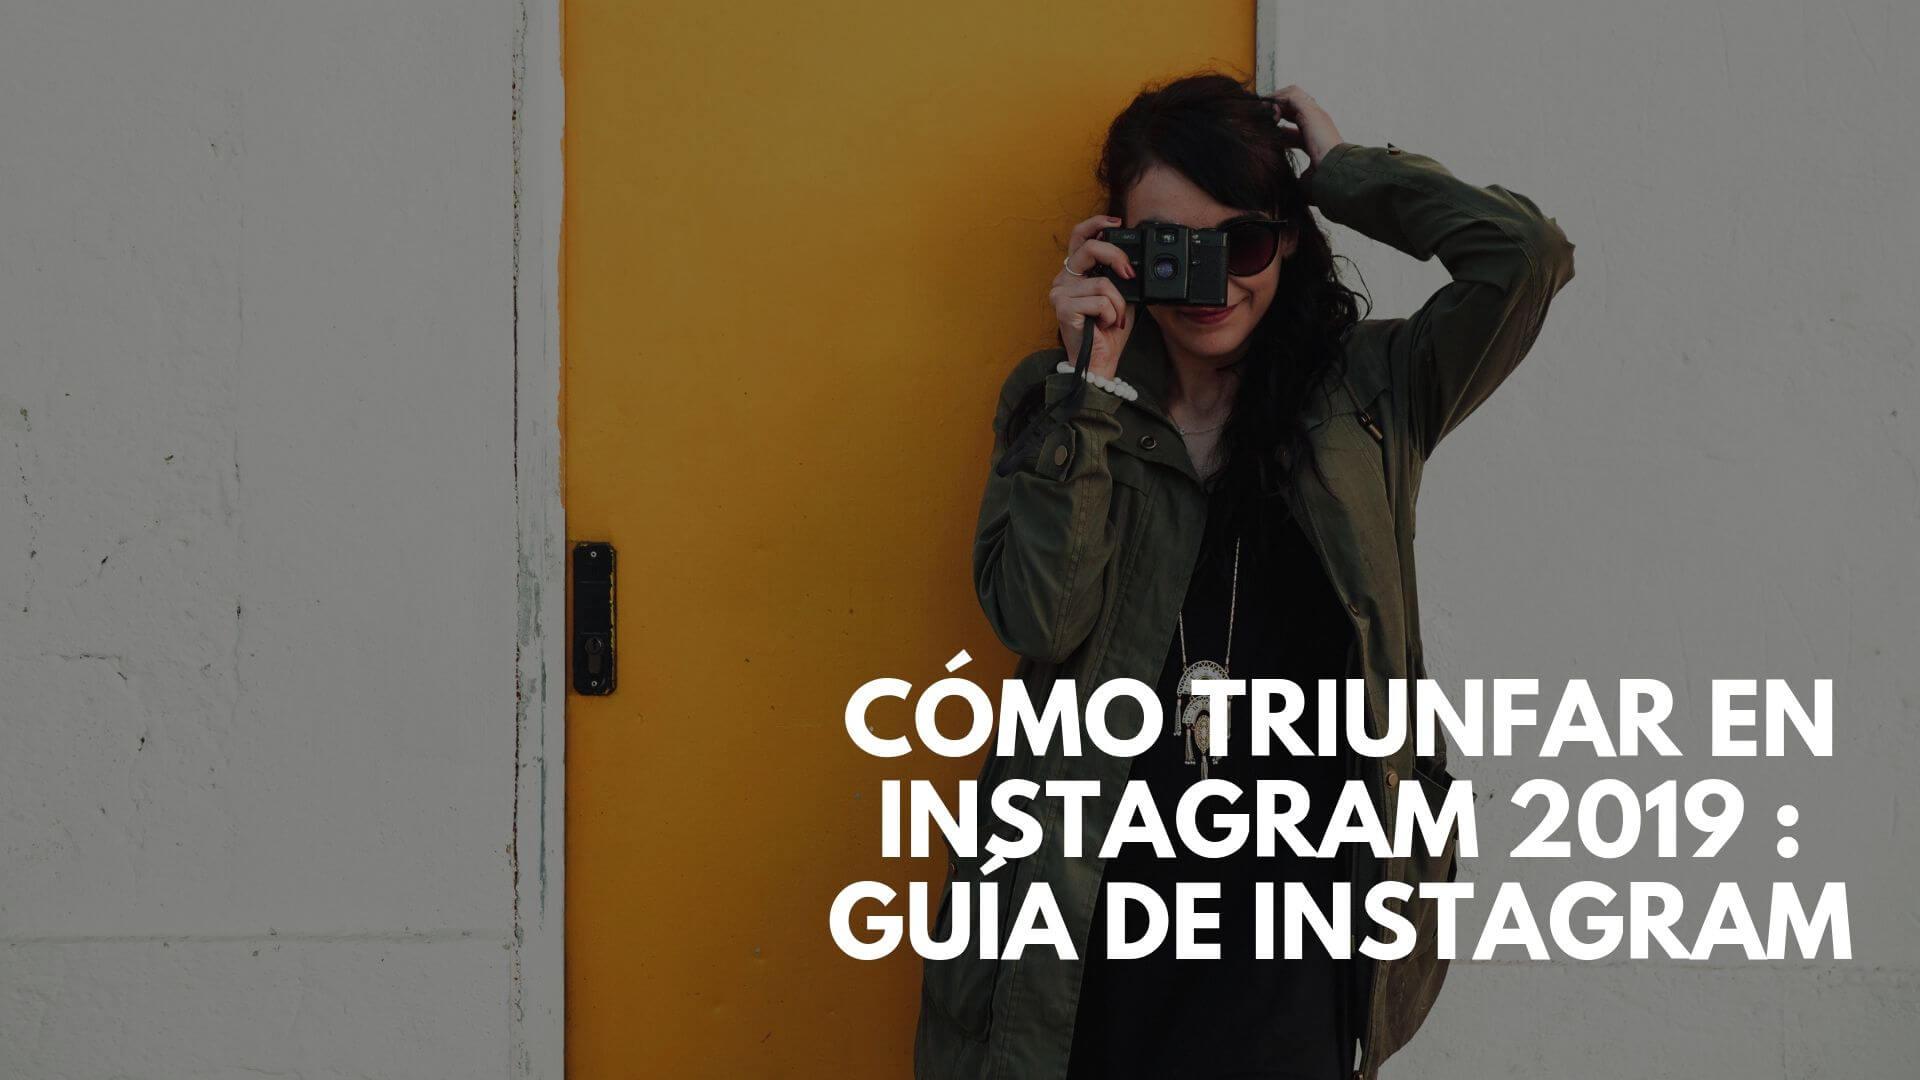 Cómo triunfar en Instagram 2019 : guía de Instagram 2019